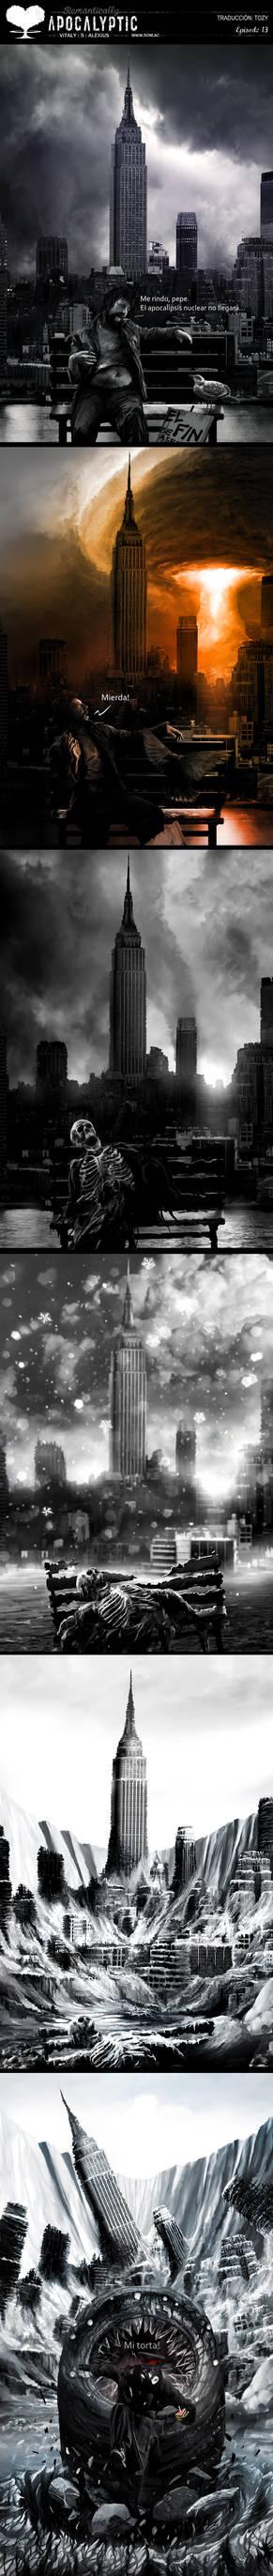 Romanticamente Apocaliptico 13